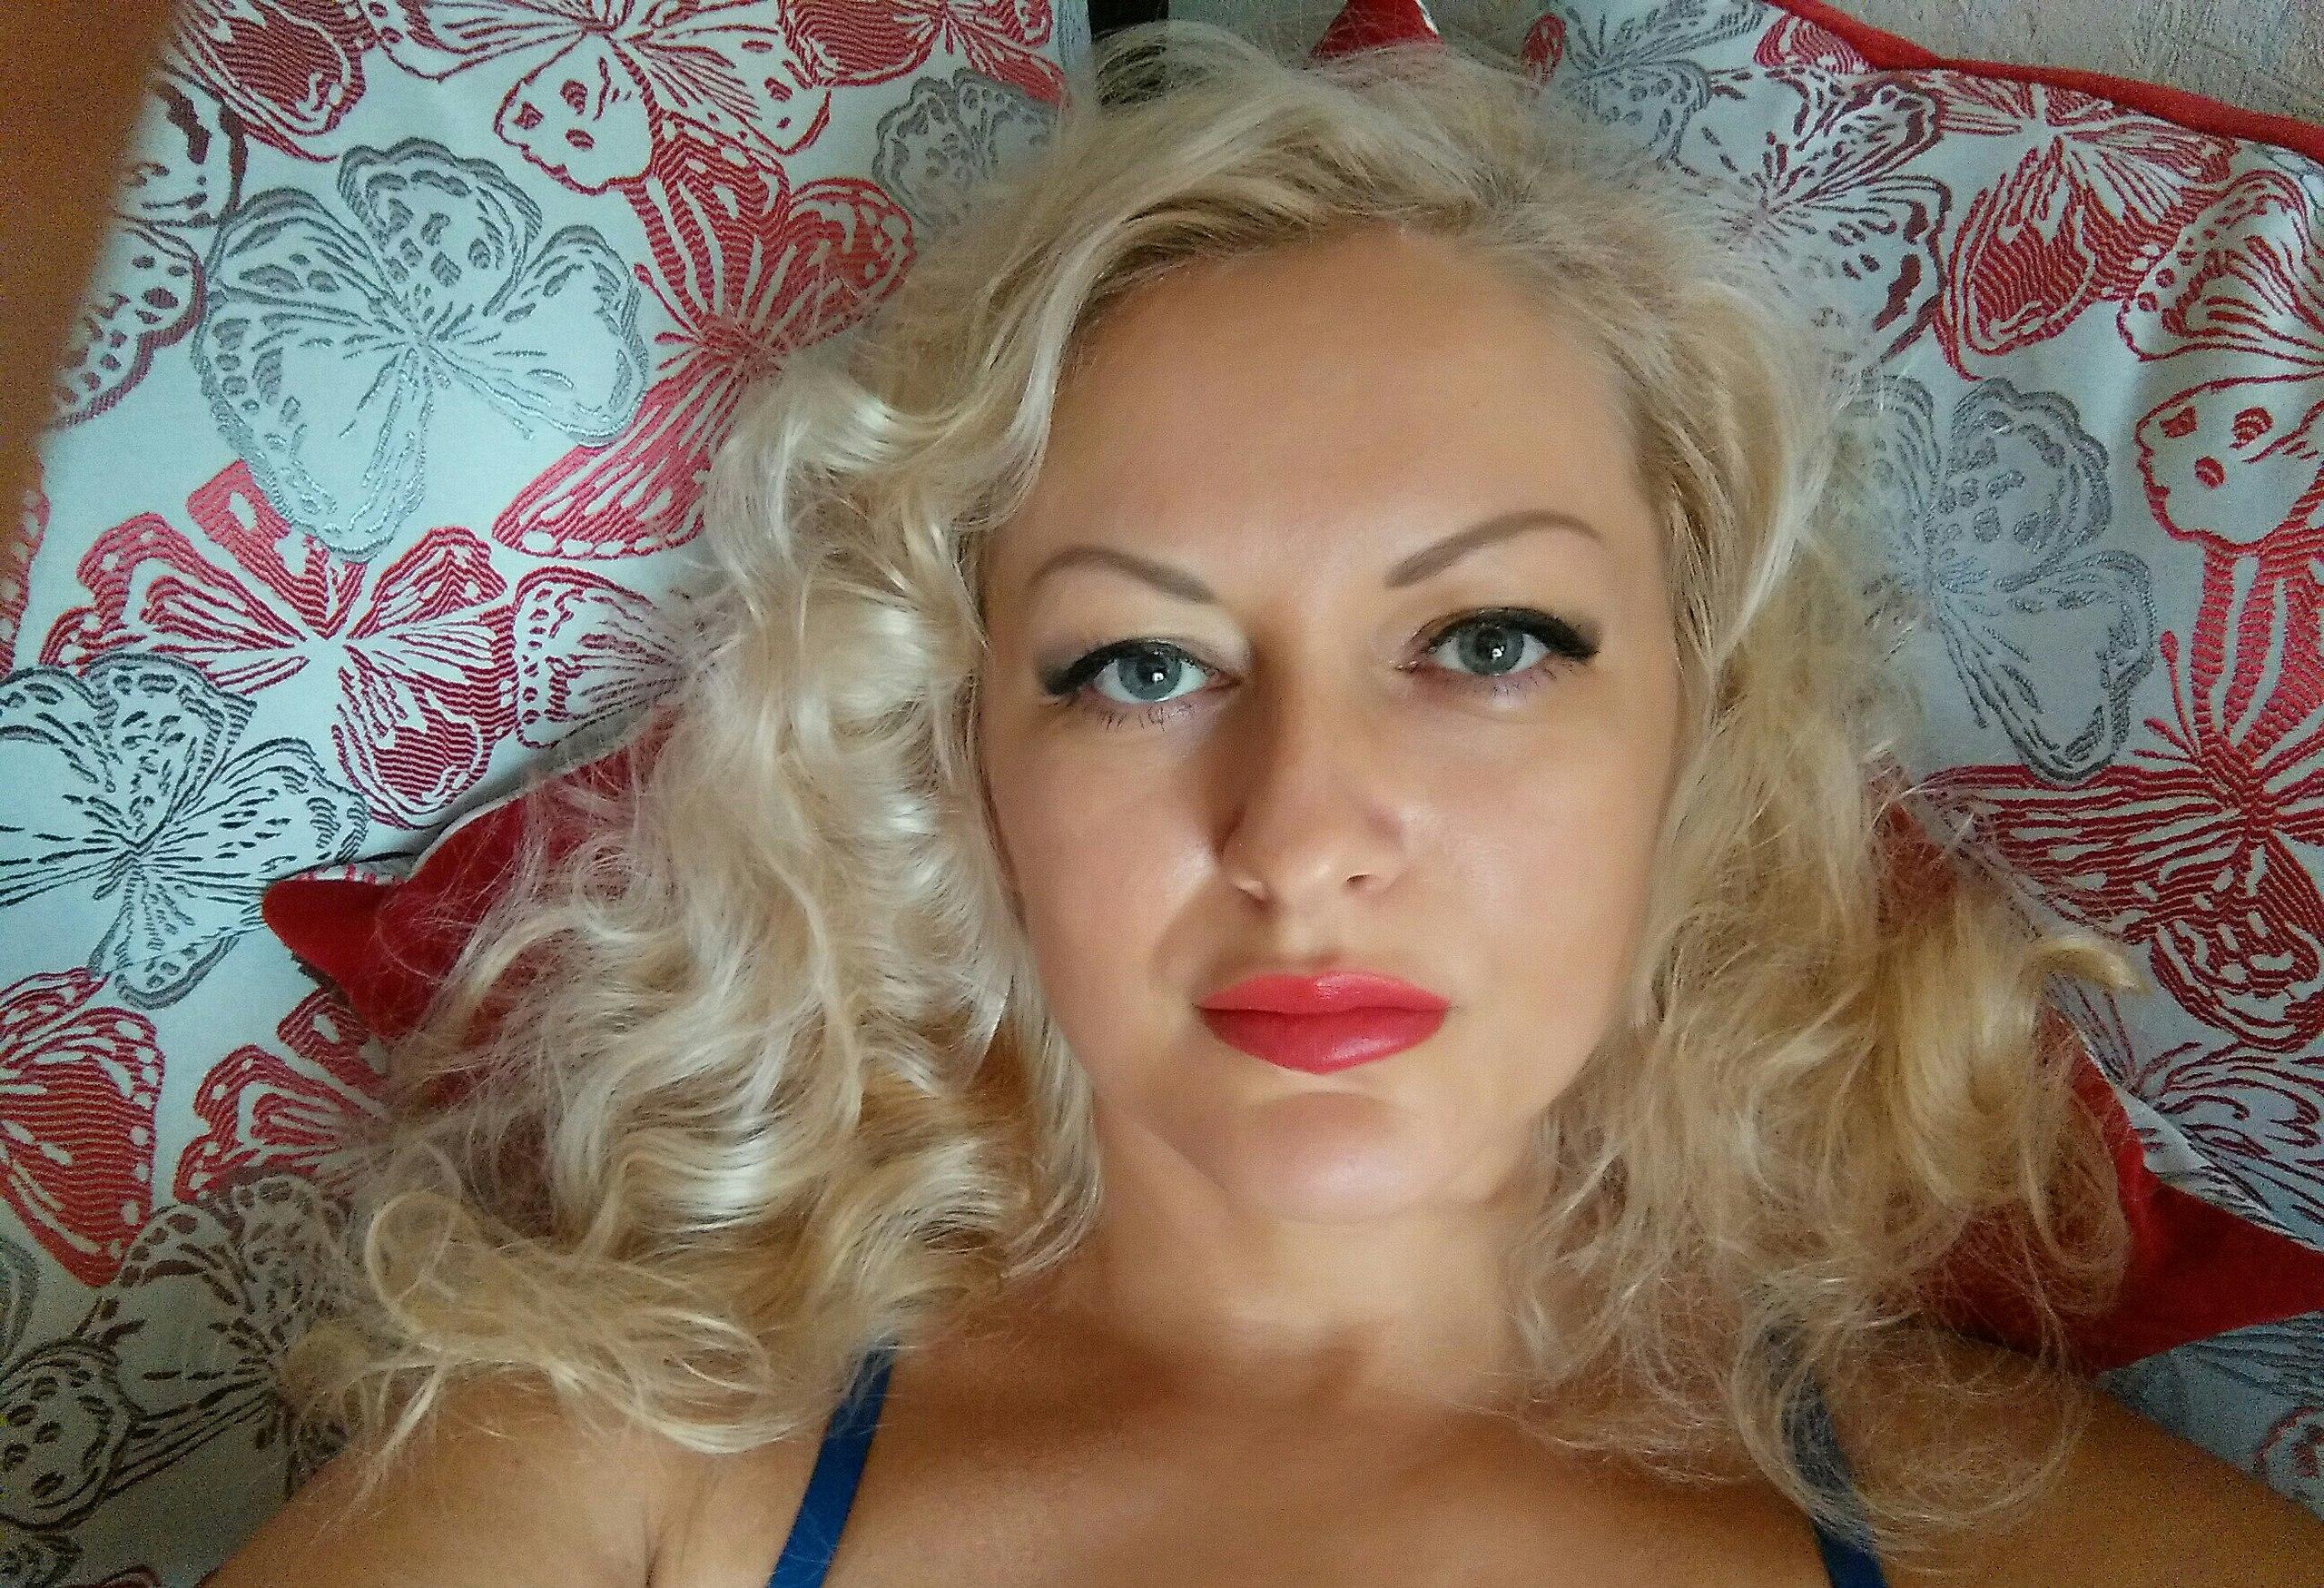 Познакомиться с девушкой из санкт-петербурга, русское порно онлайн сюжет госпожи